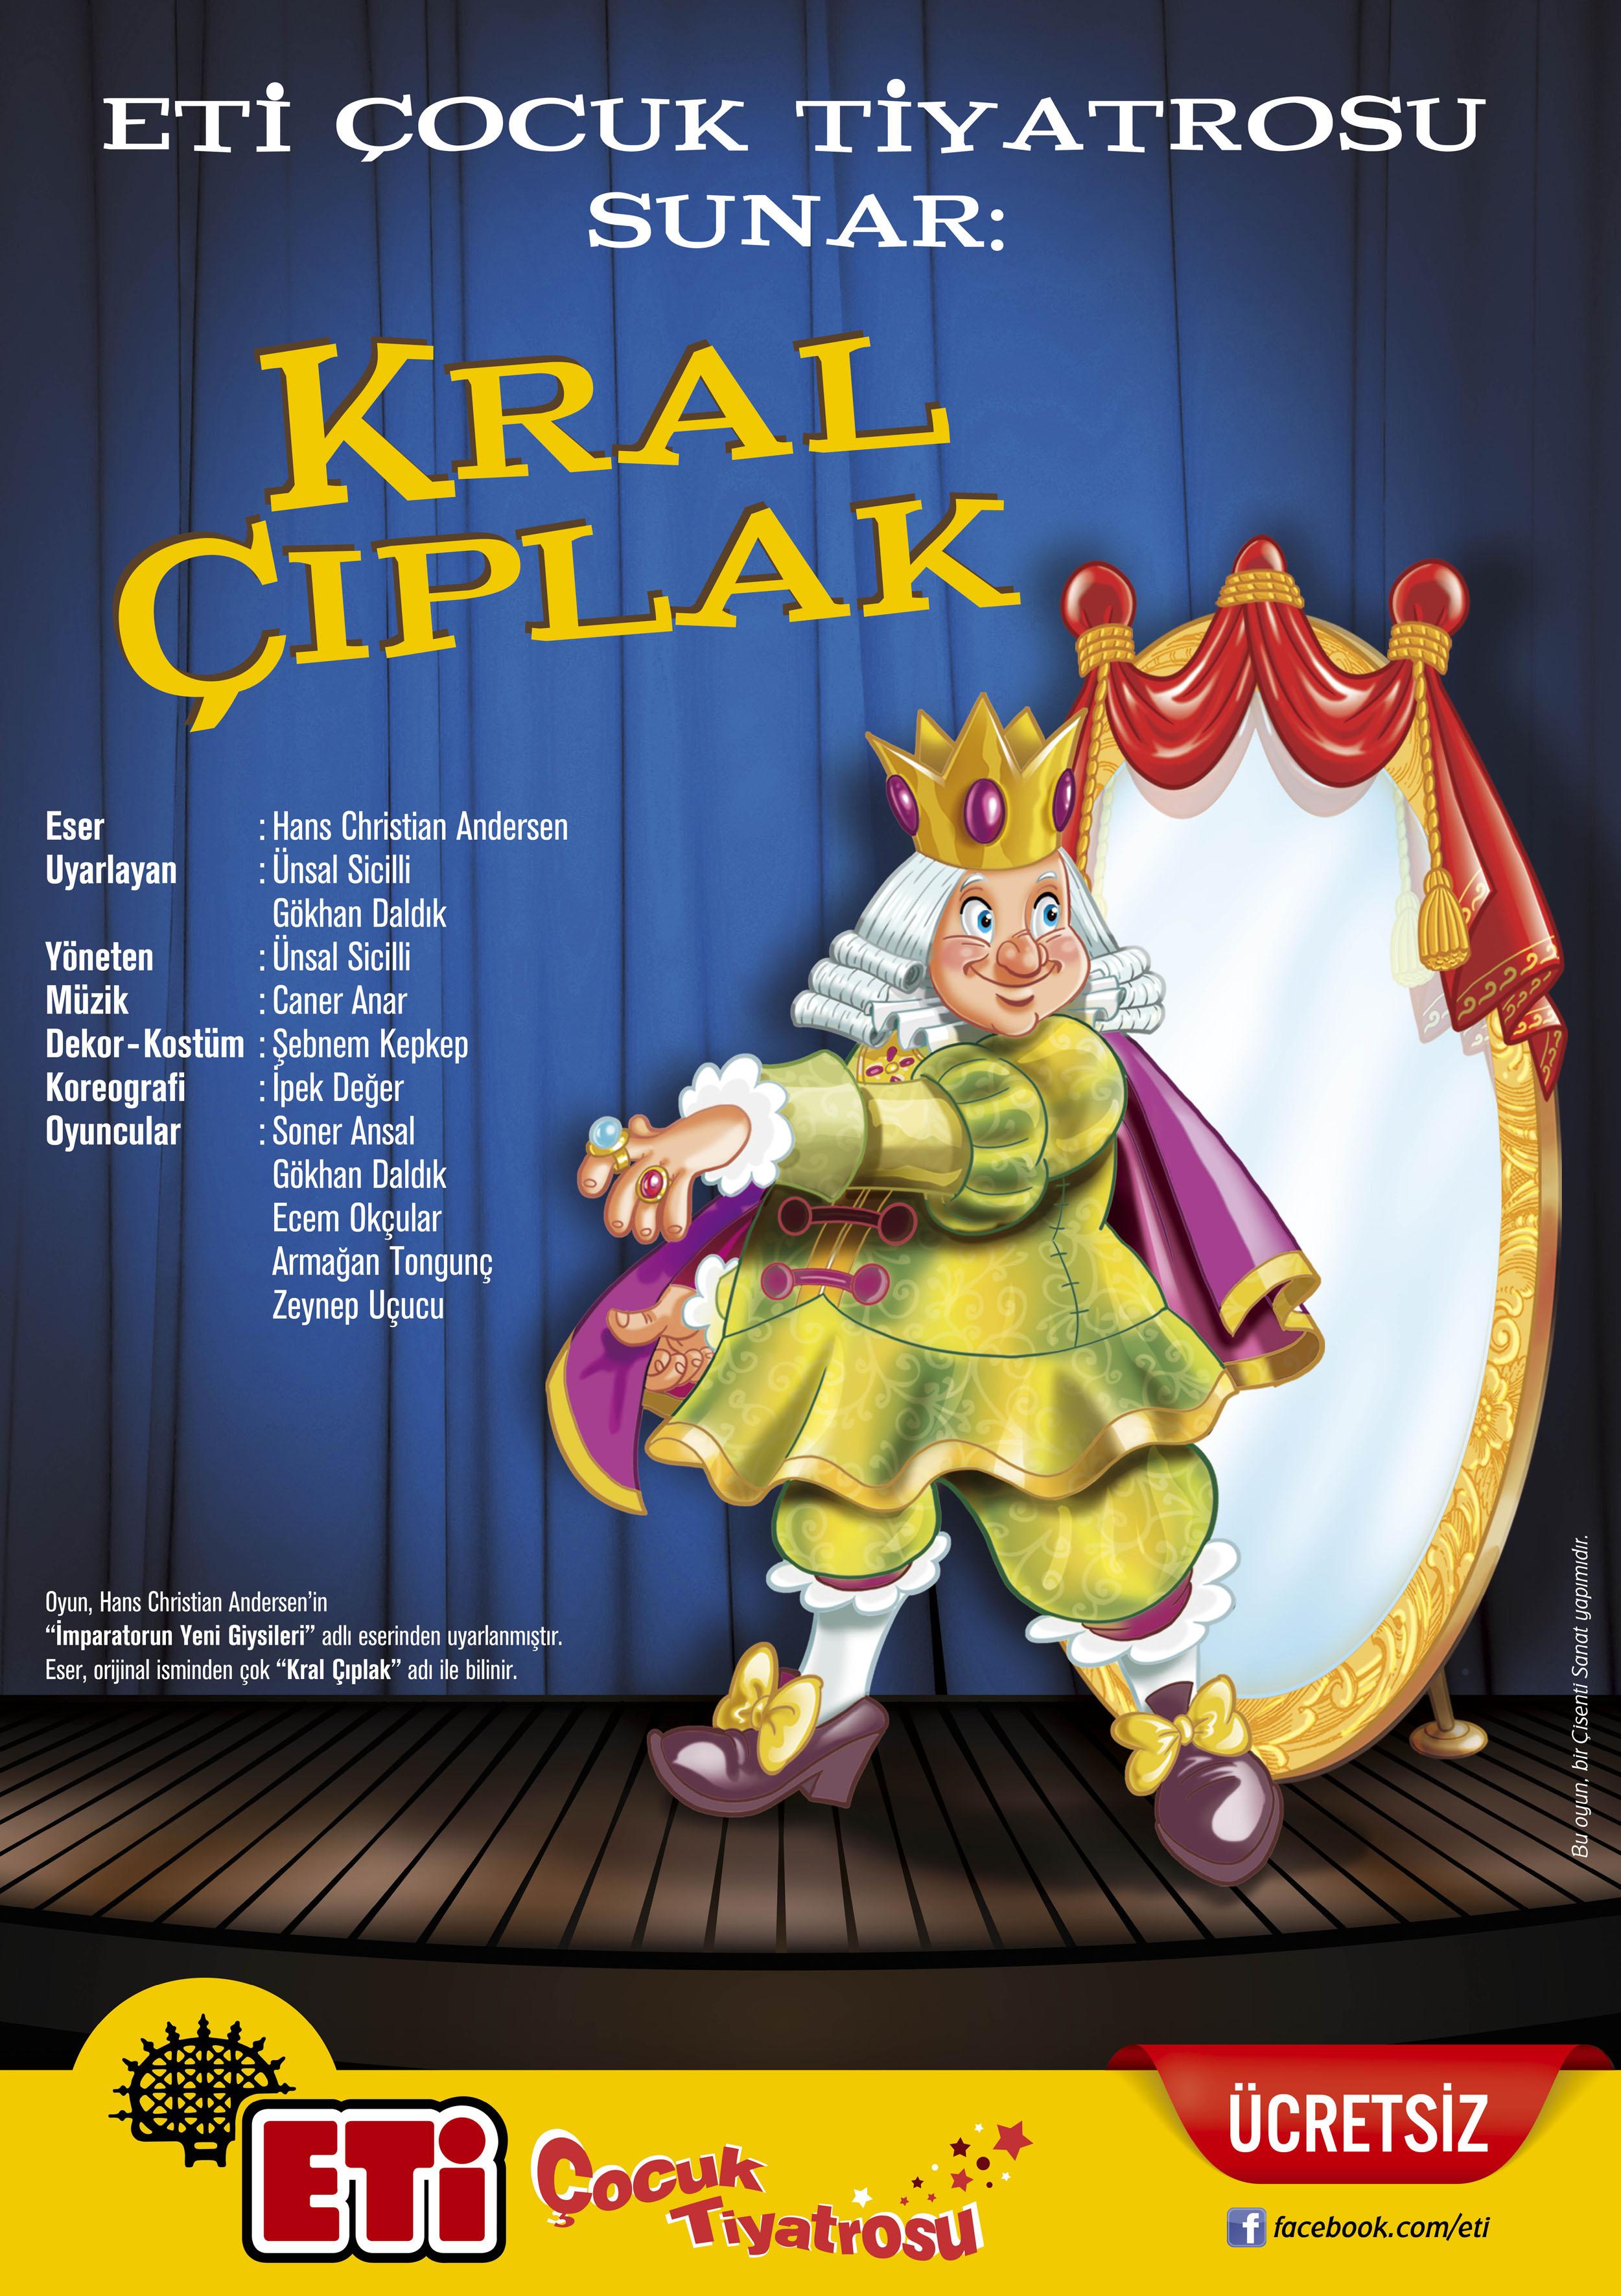 Eti Çocuk Tiyatrosu'ndan 'Kral Çıplak' Çocuk Oyunu | Terakki Vakfı Kültür Merkezi